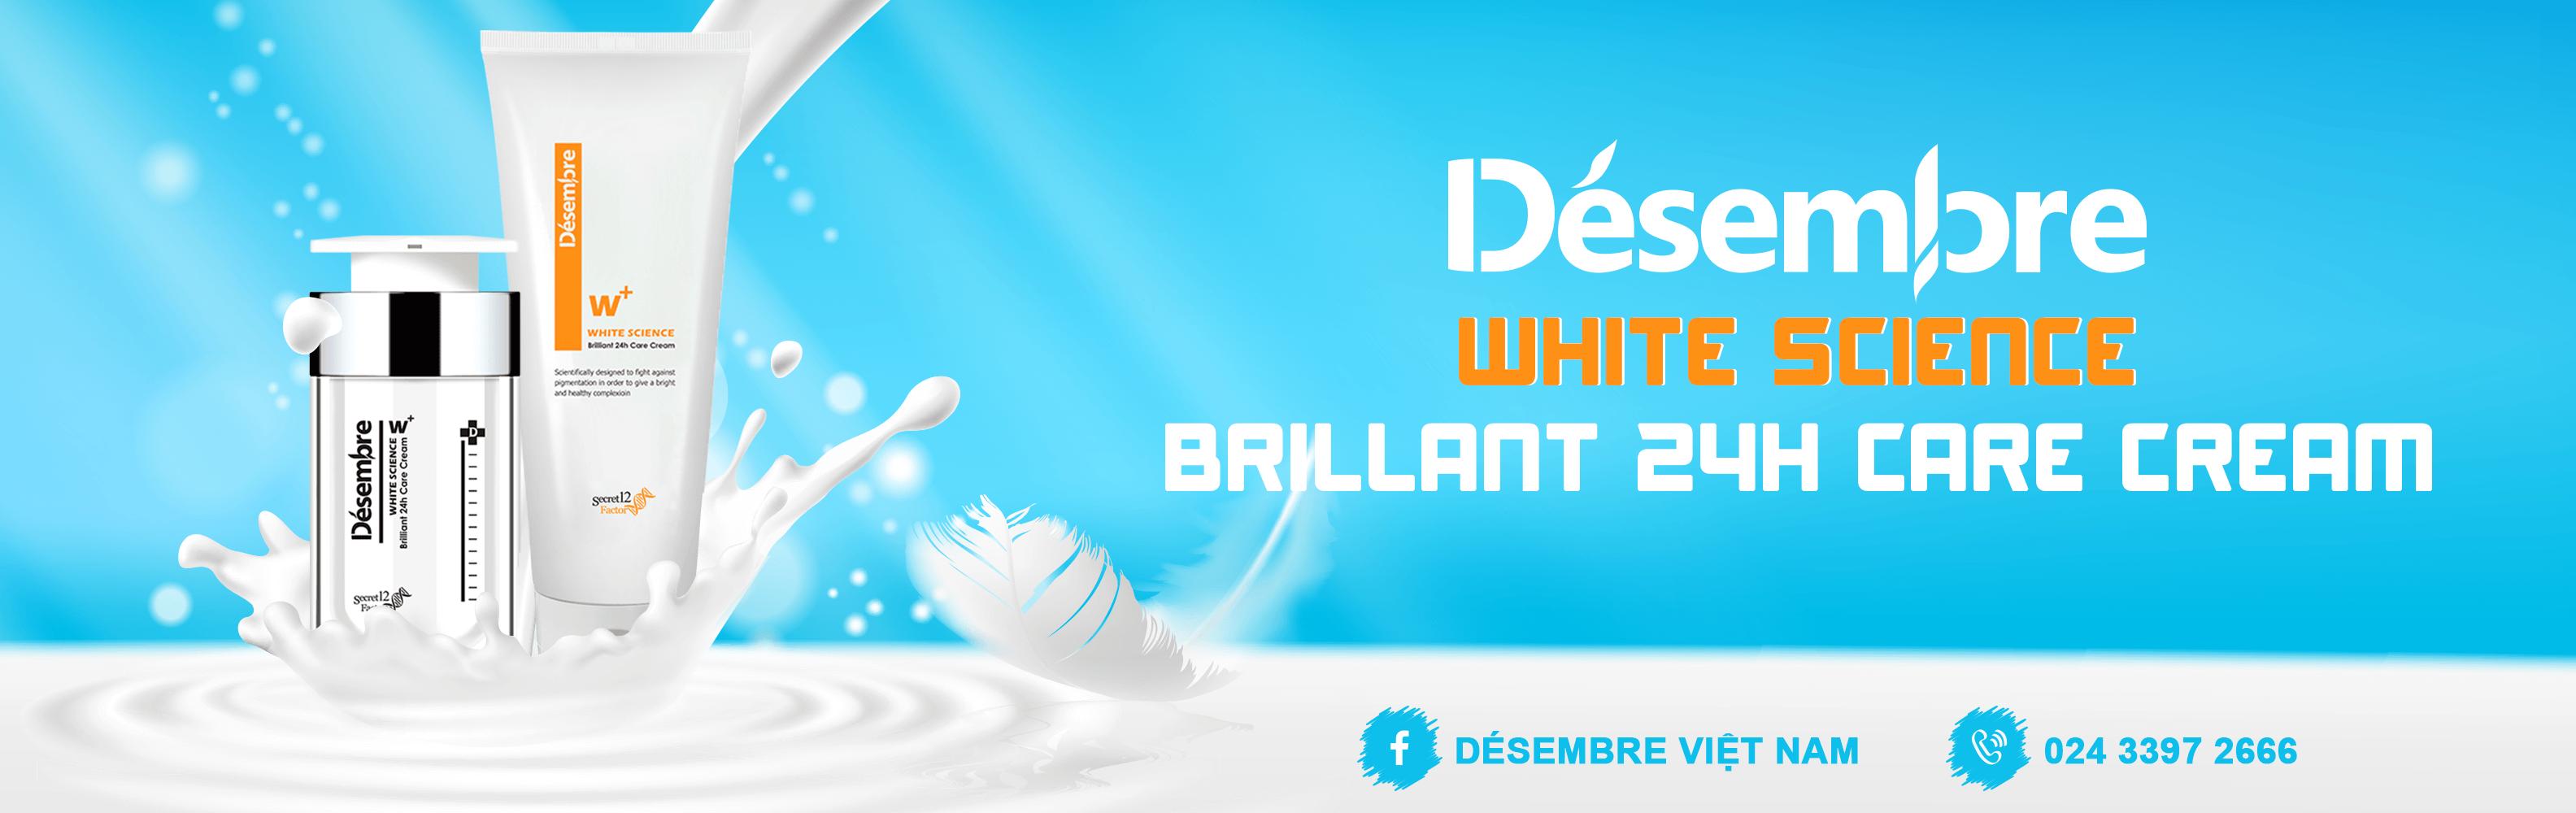 DÉSEMBRE WHITE SCIENCE BRILLIANT 24H CARE CREAM